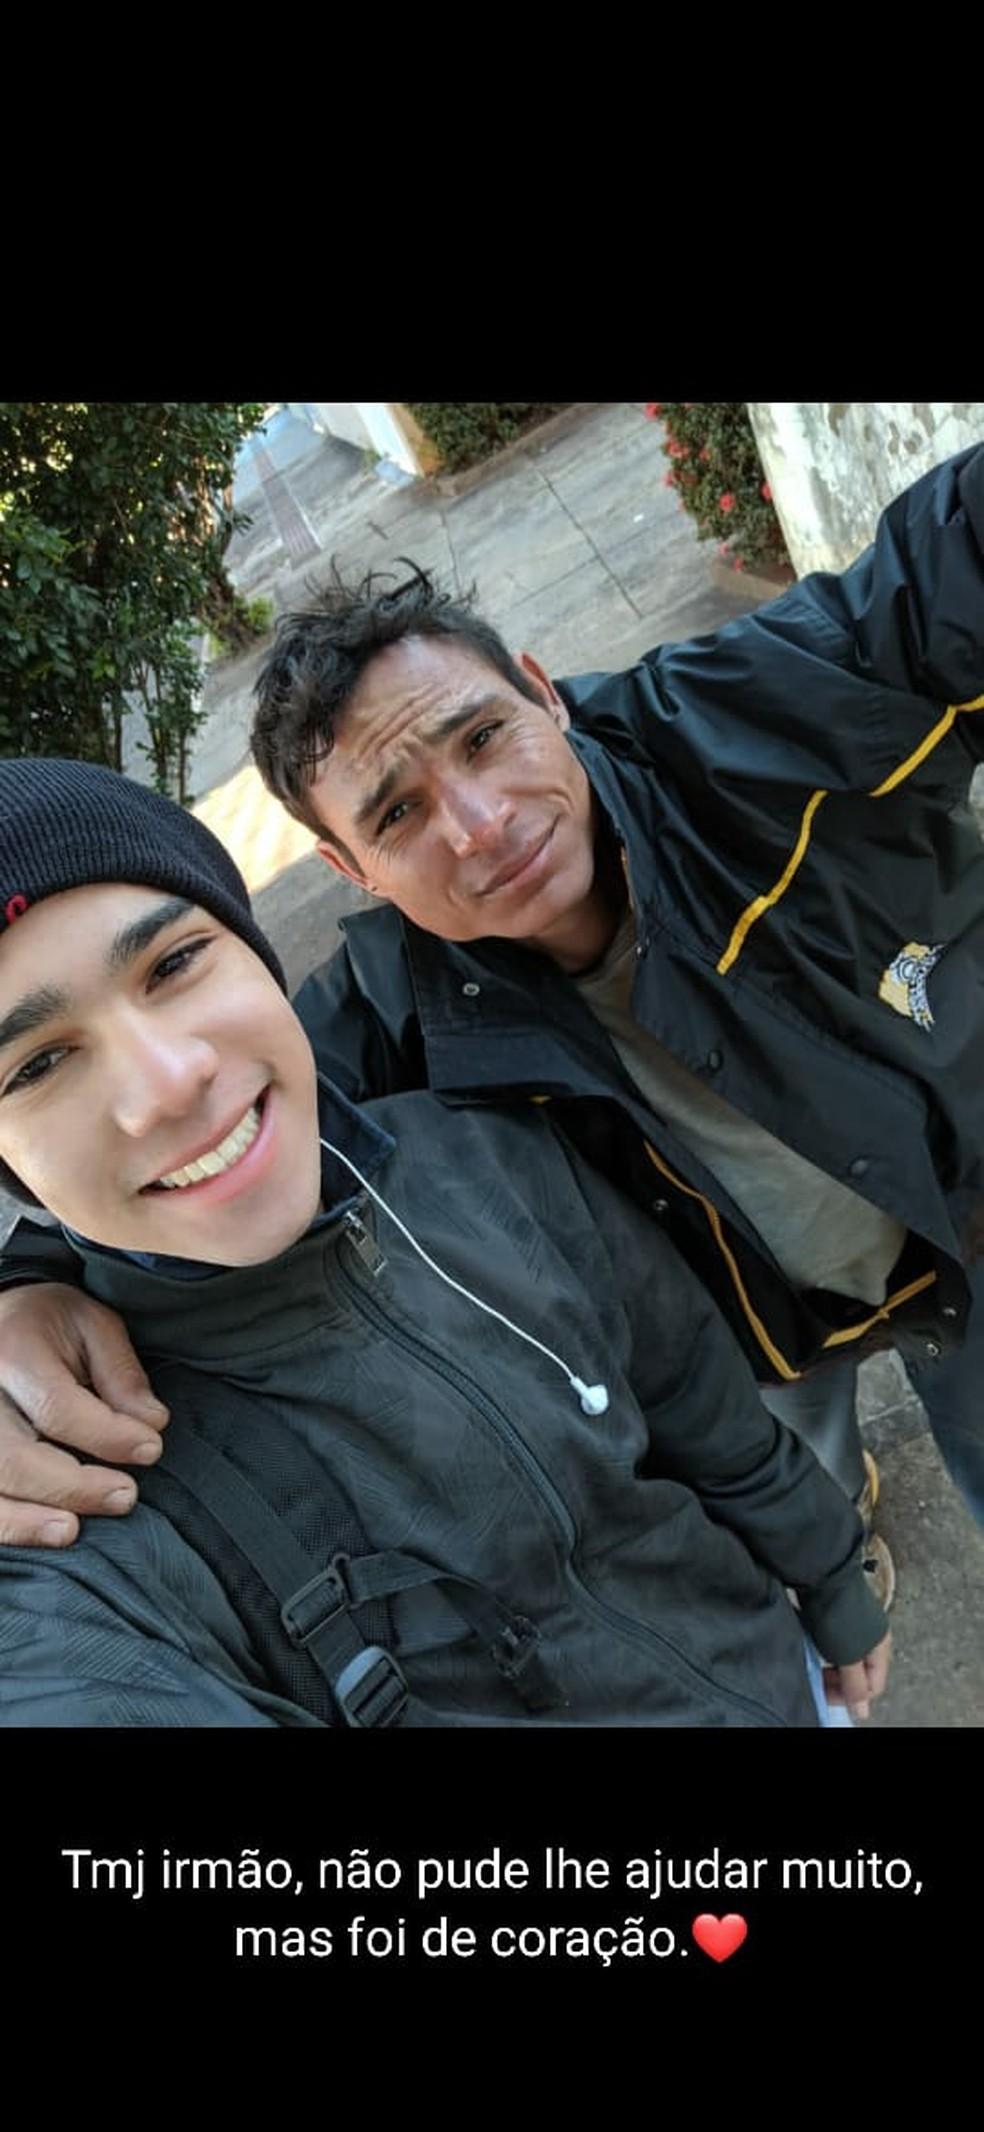 Adrian e Arlan: a selfie para mandar para a mãe — Foto: Adrian Silva Alves/Arquivo Pessoal